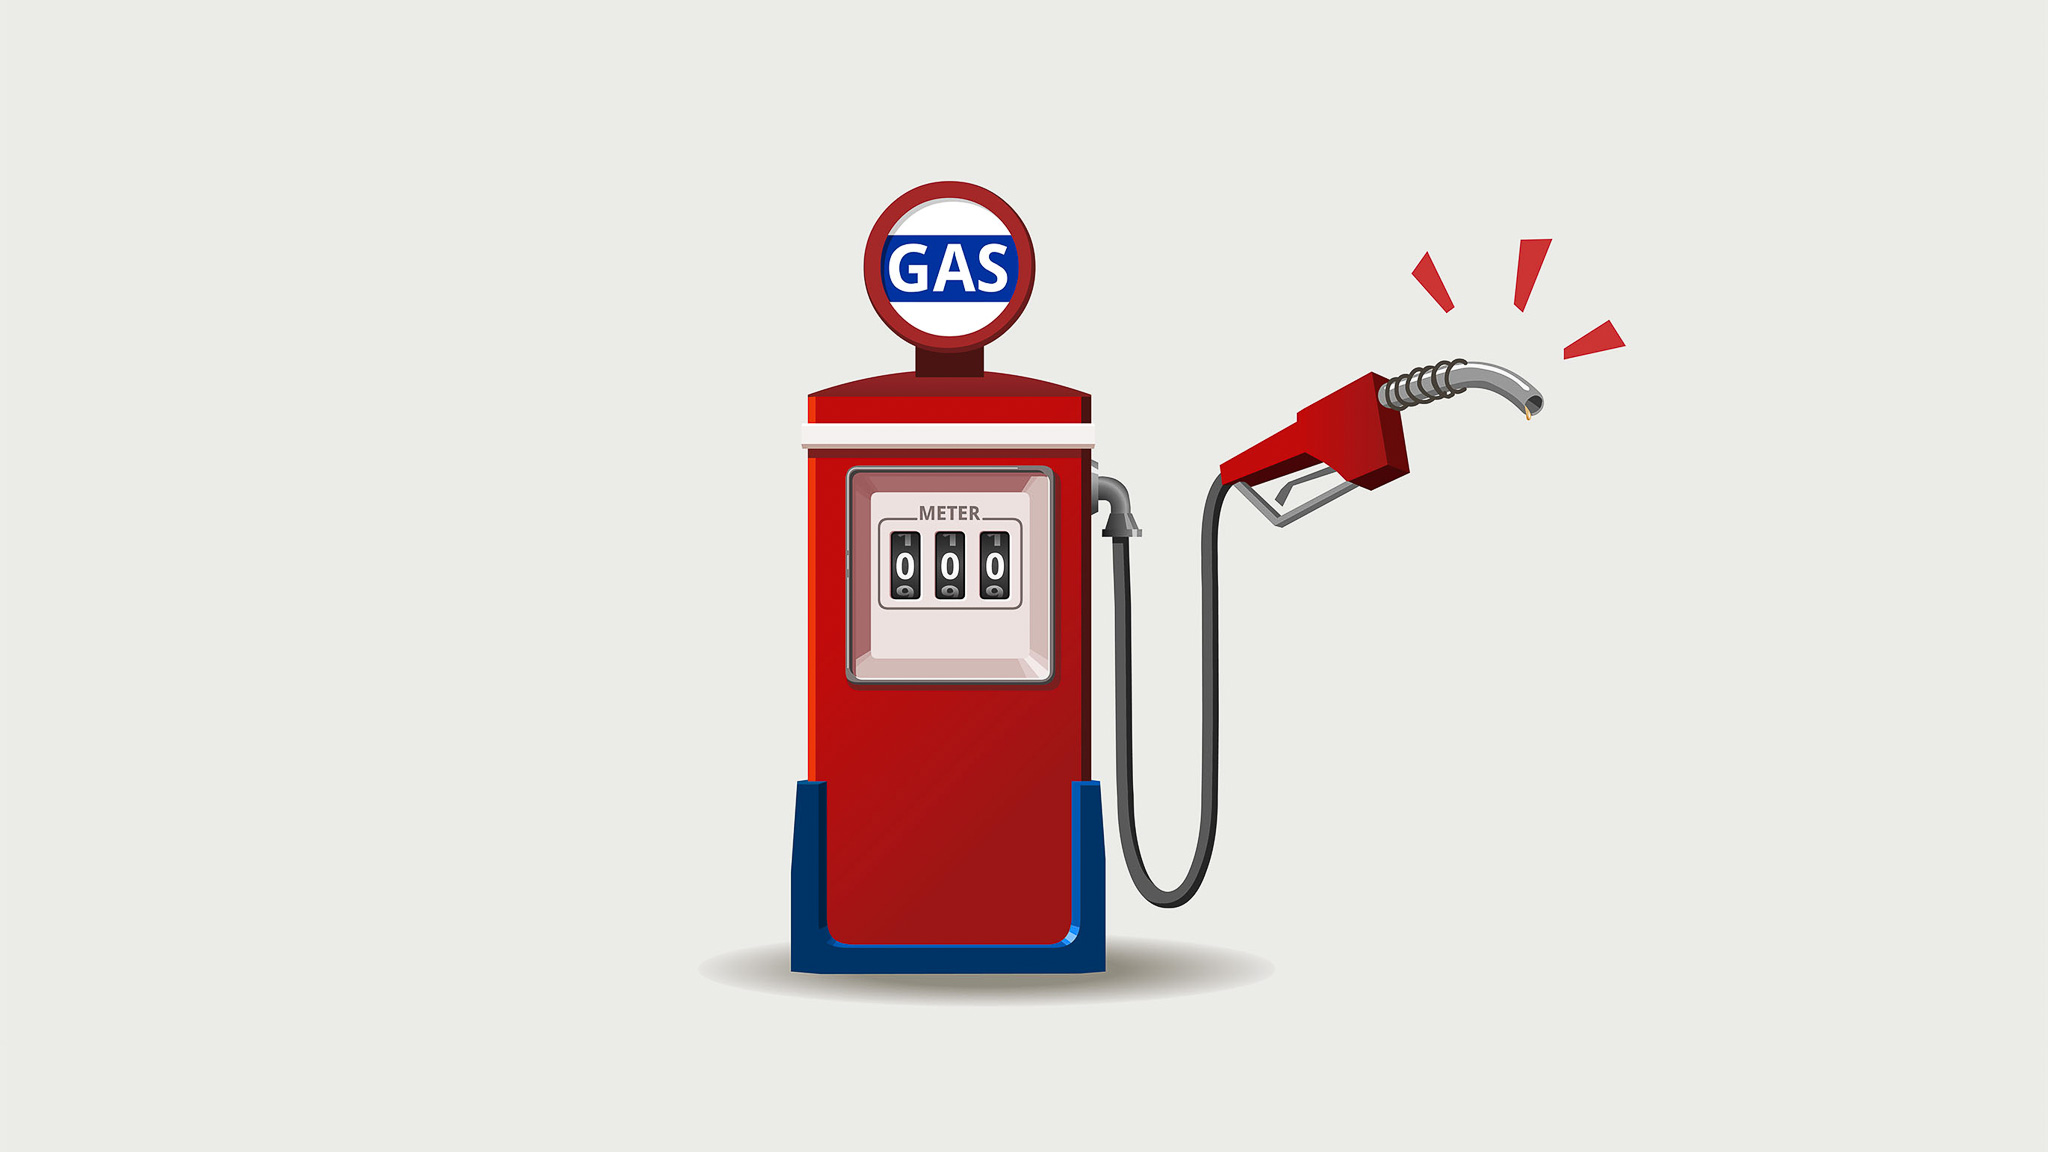 Niebezpiecznie niskie ceny ropy naftowej! Allianz Research MEDIARUN grafika gaz ropa 2020 v1